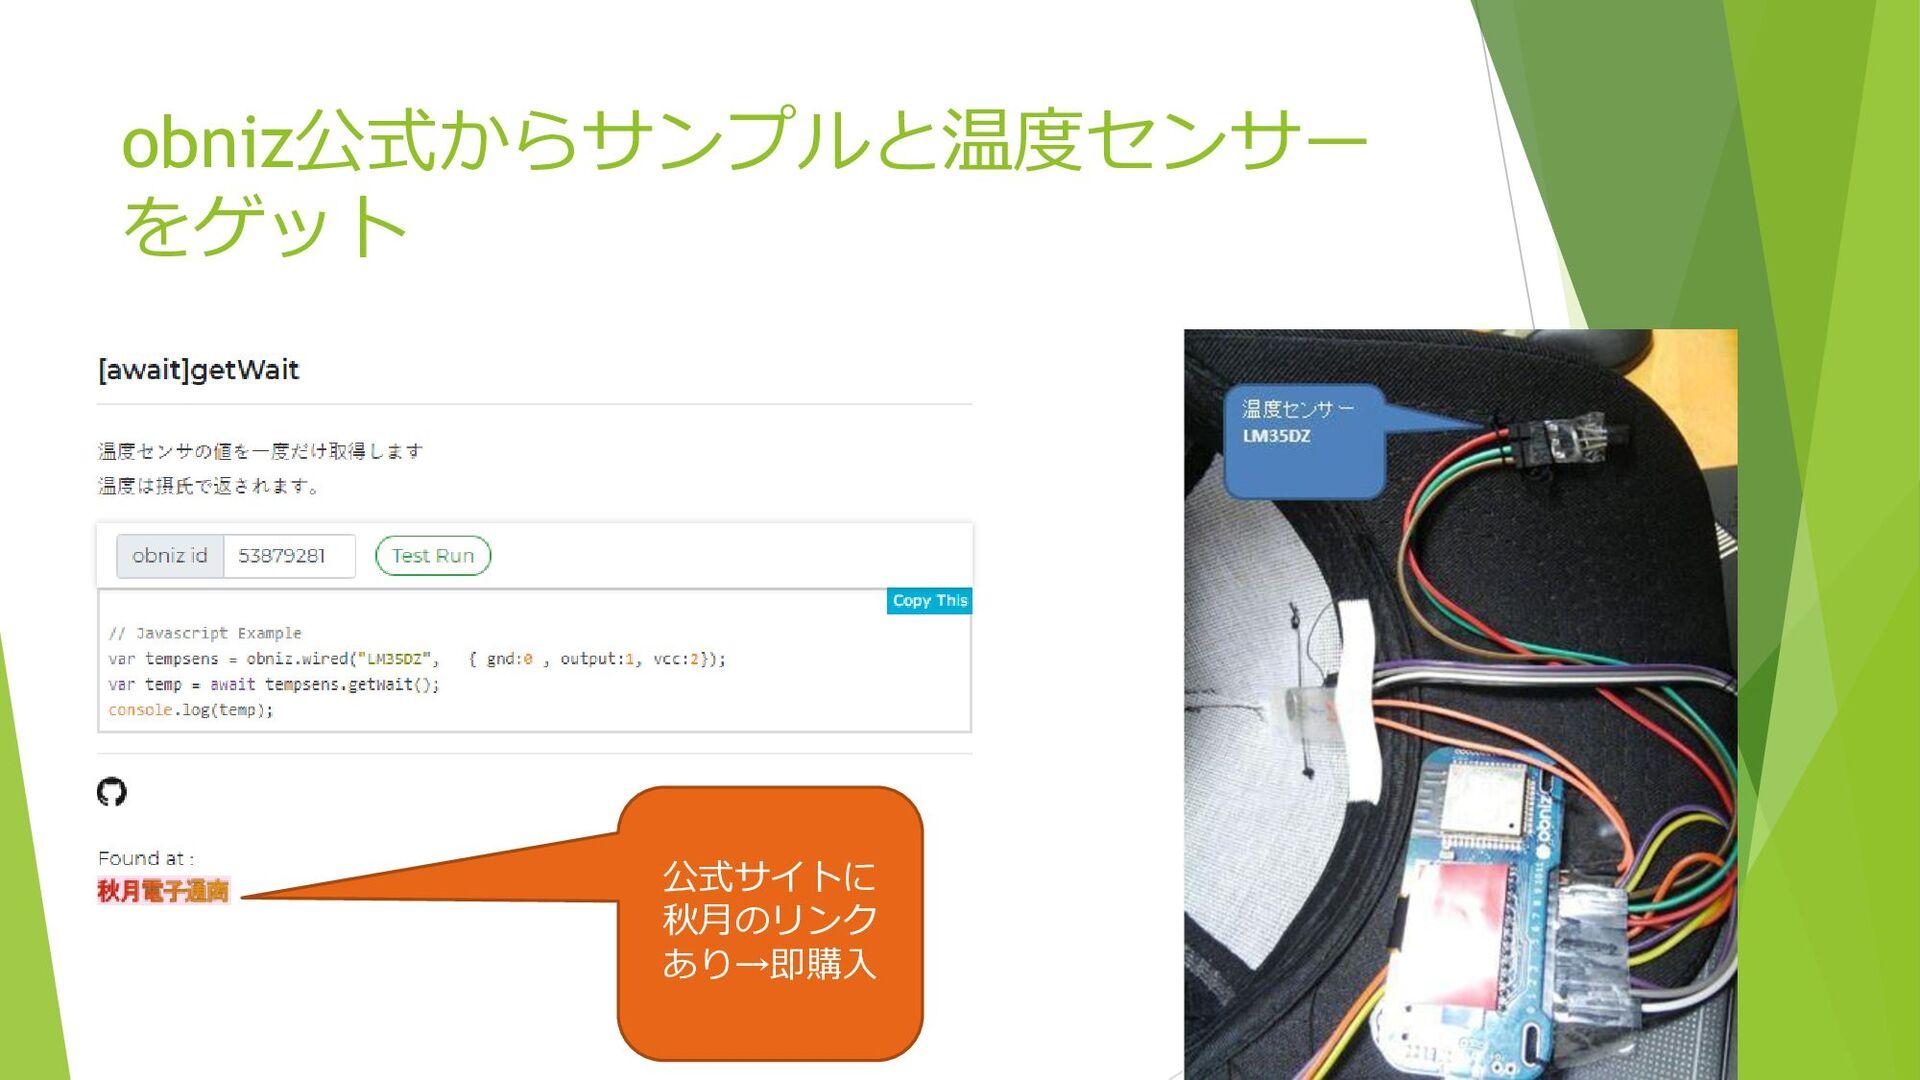 obniz公式からサンプルと温度センサー をゲット 公式サイトに 秋月のリンク あり→即購入